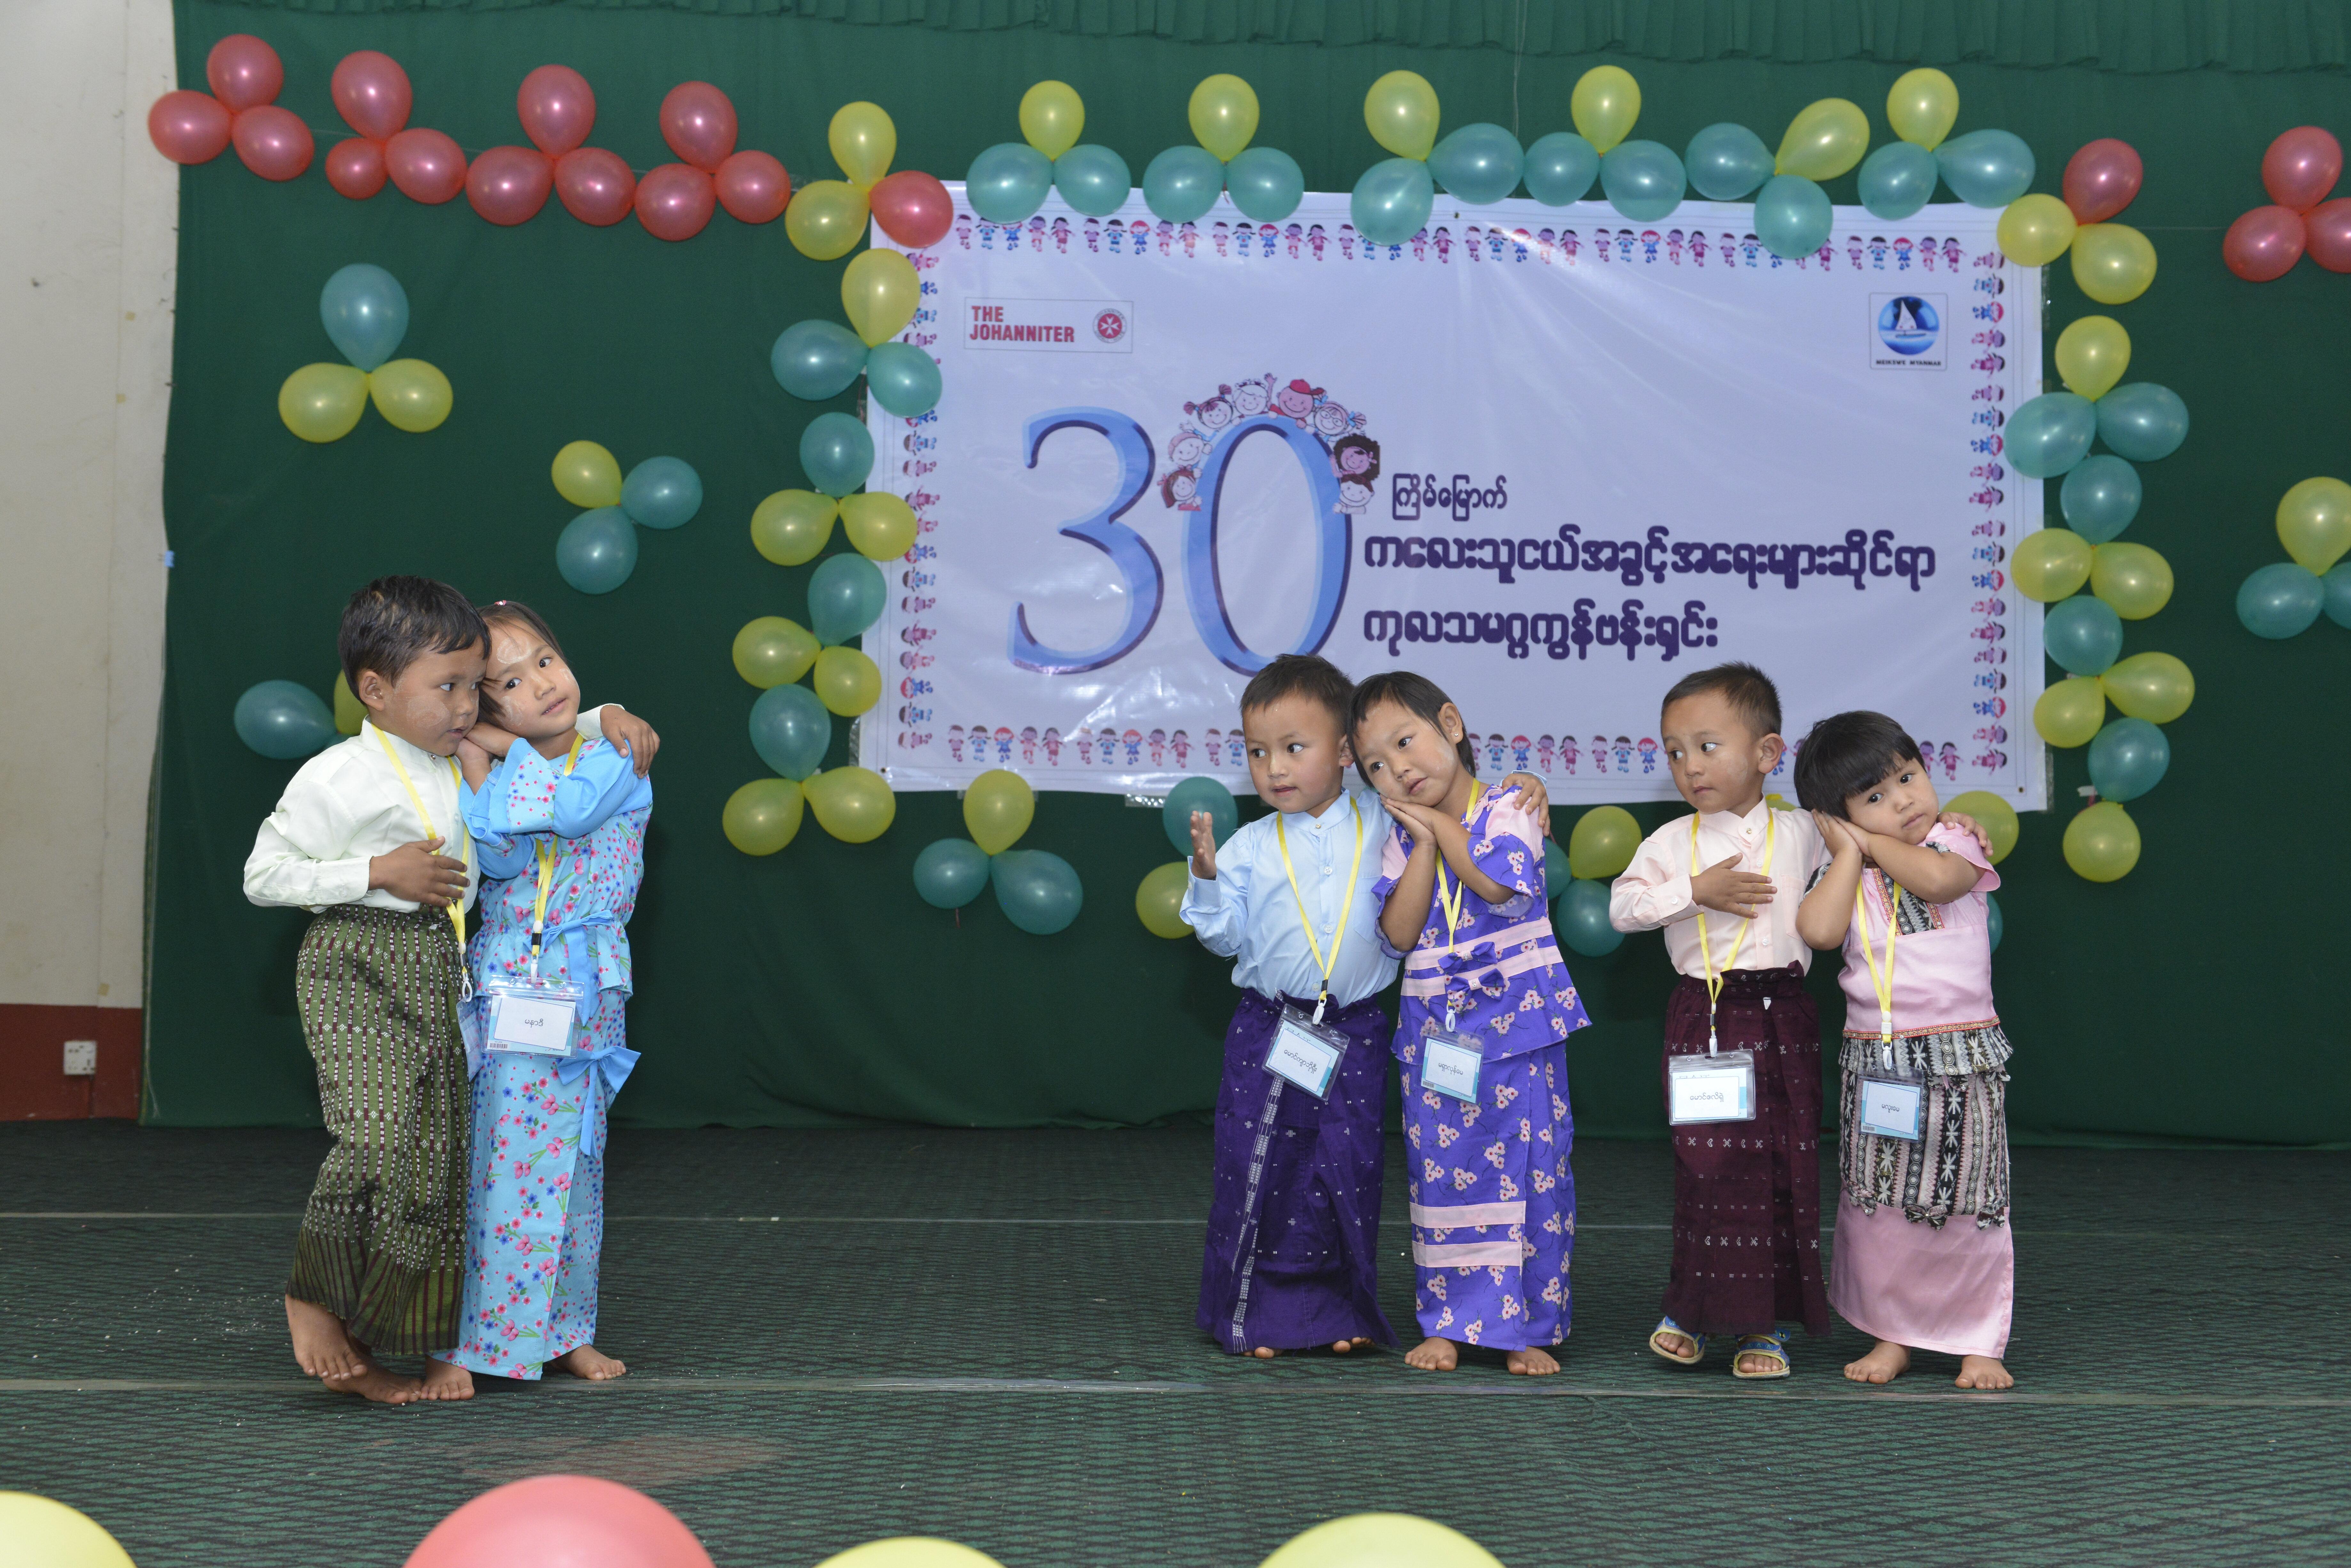 Kinder spielen vor einem Banner der Johanniter